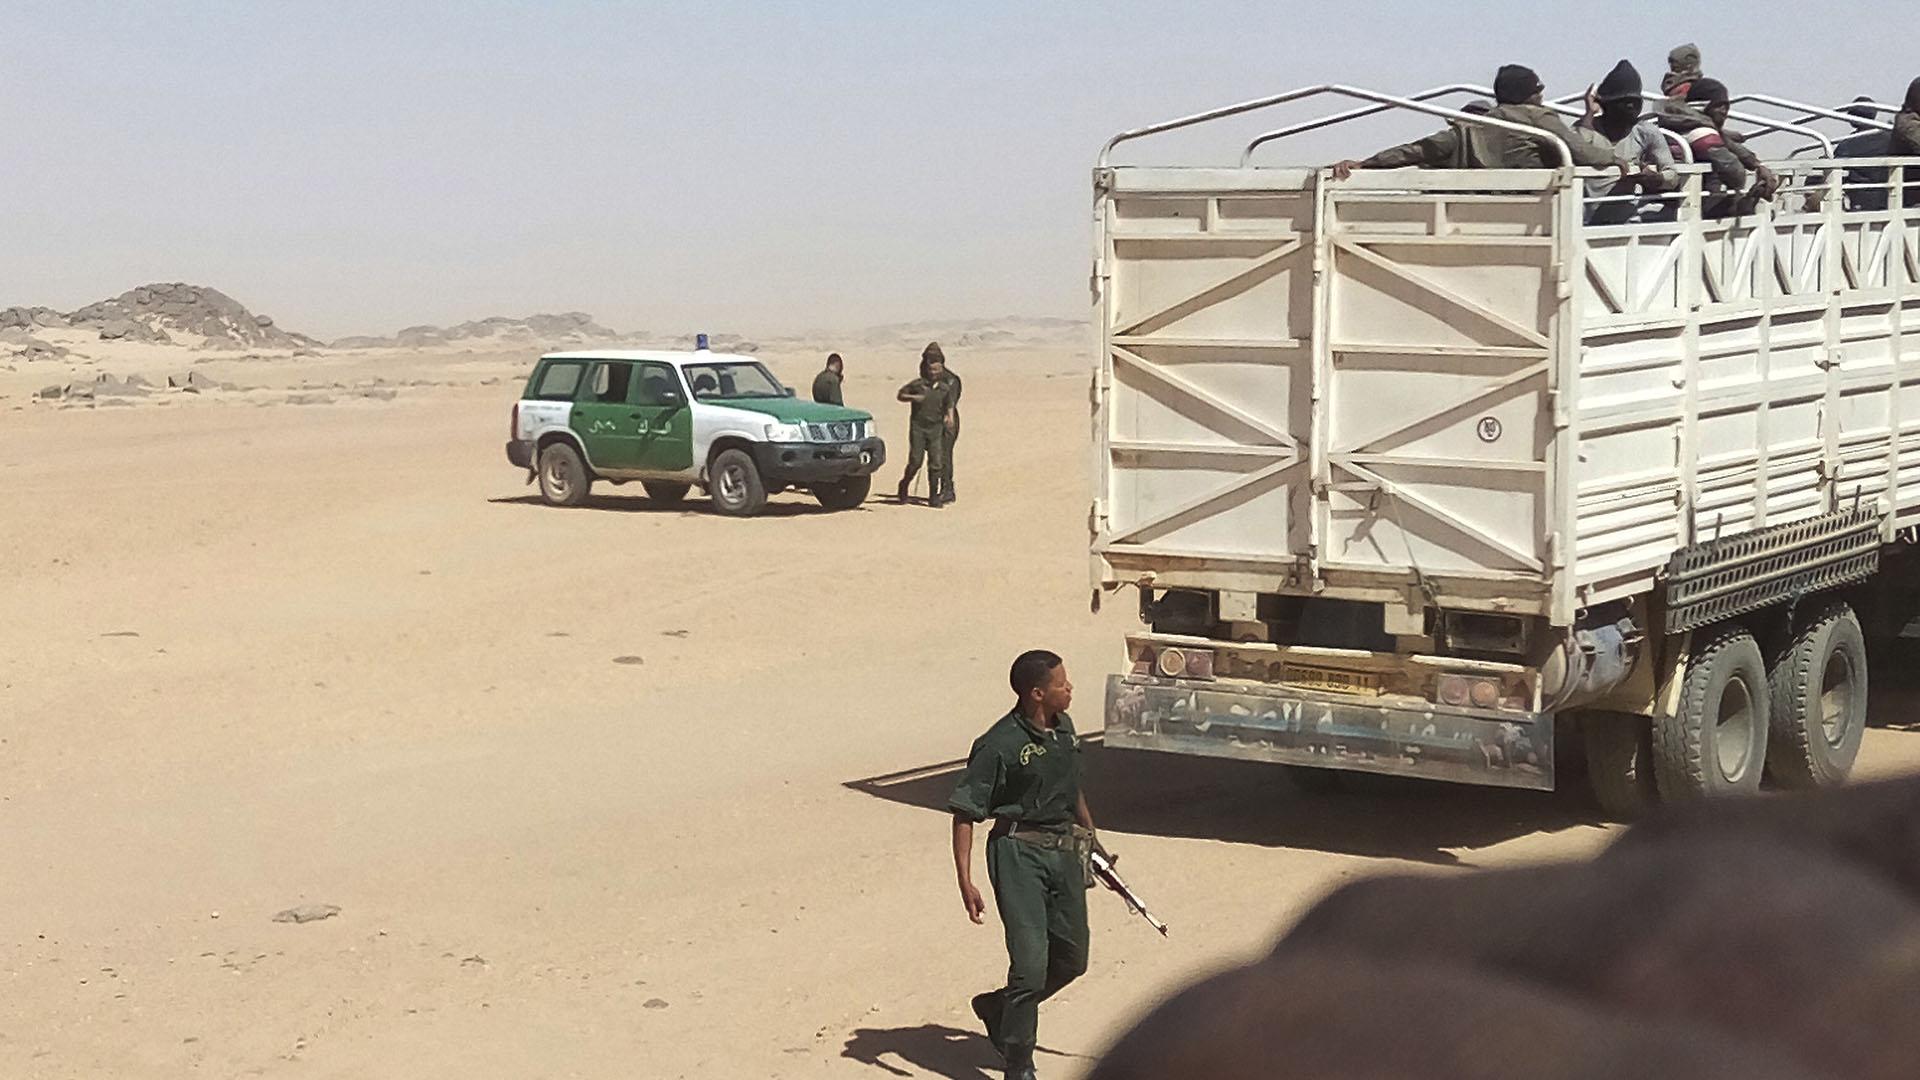 Soldados argelinos armados con rifles de fabricación rusa colocan a los migrantes en camiones y los abandonan en la frontera con Níger, en medio del desierto(AP)